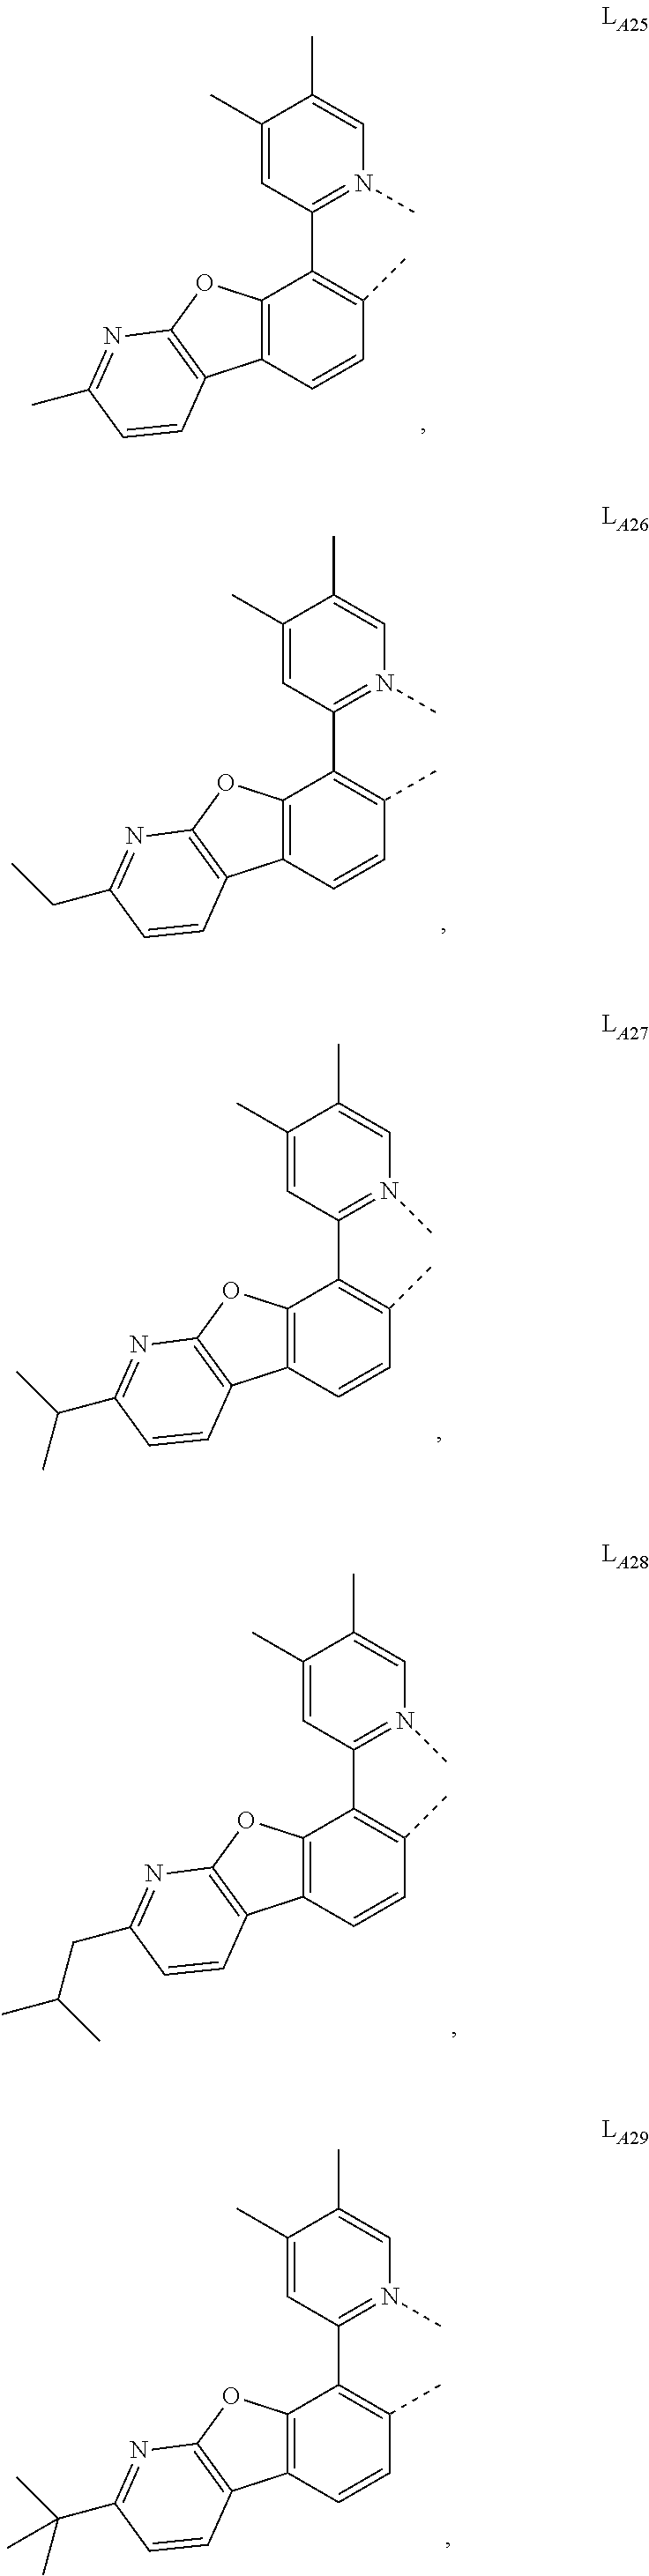 Figure US20160049599A1-20160218-C00014